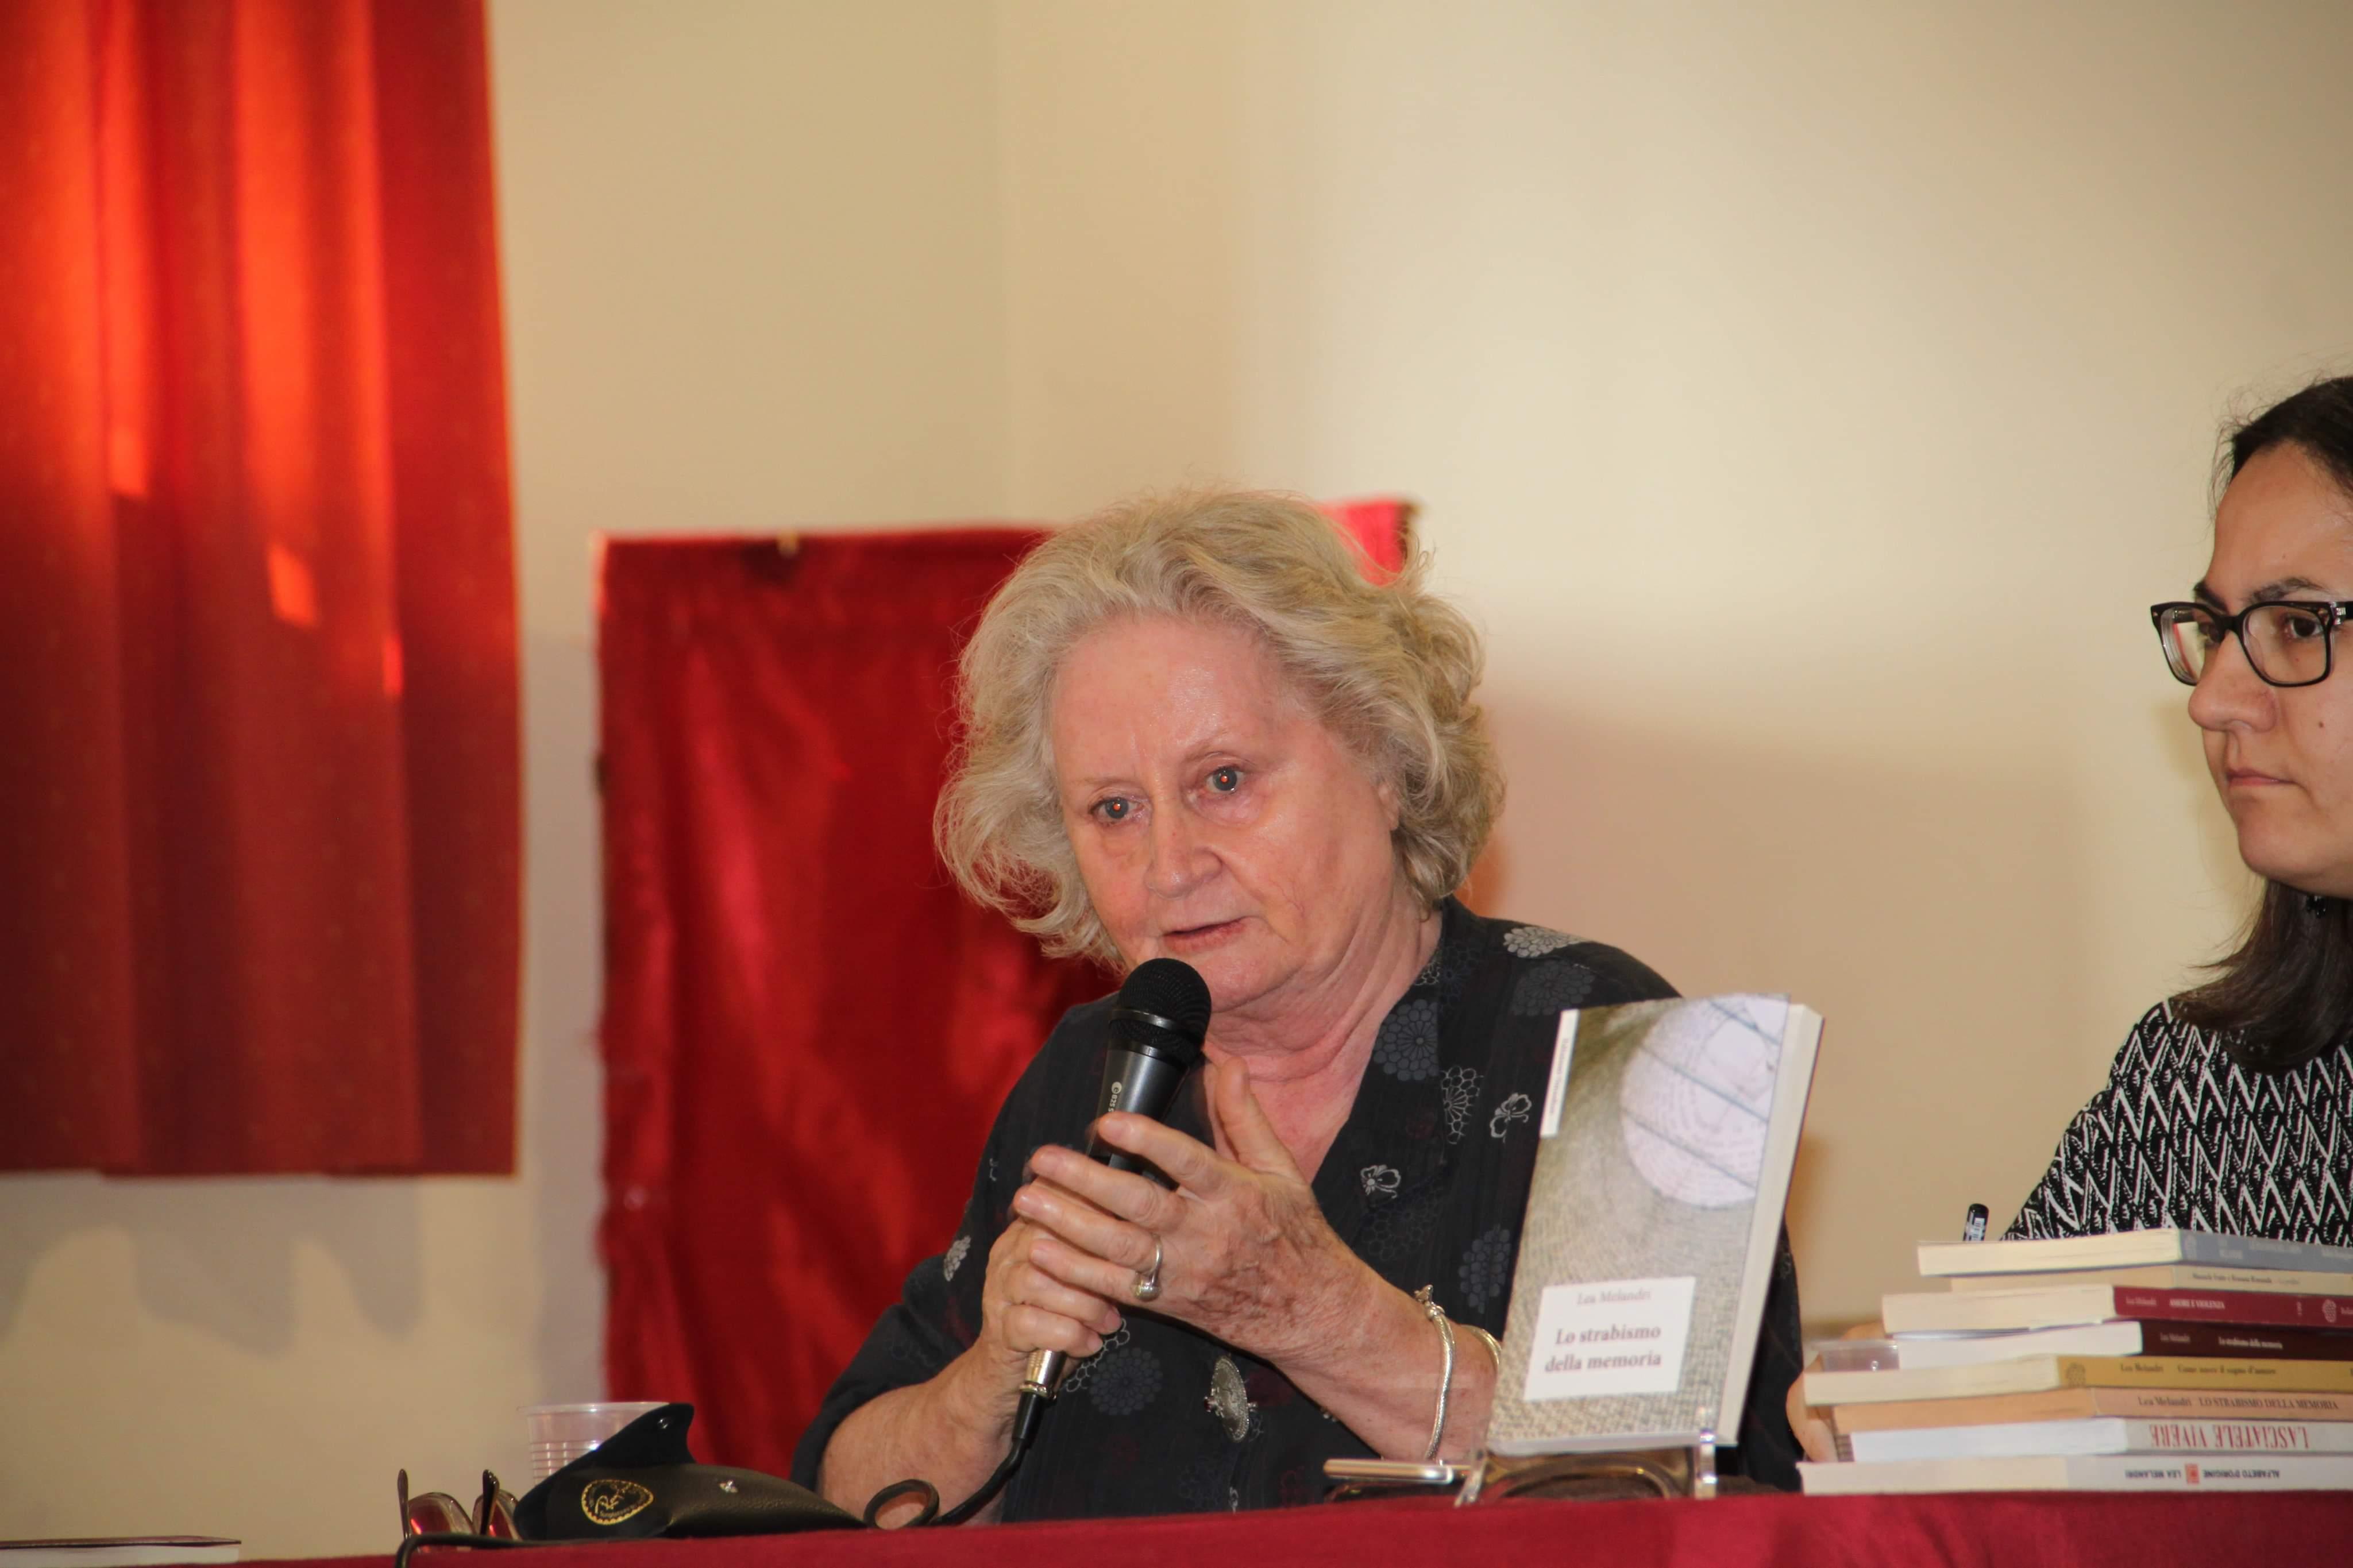 Barcellona PG. Grande partecipazione all'incontro pubblico con Lea Melandri, femminista storica